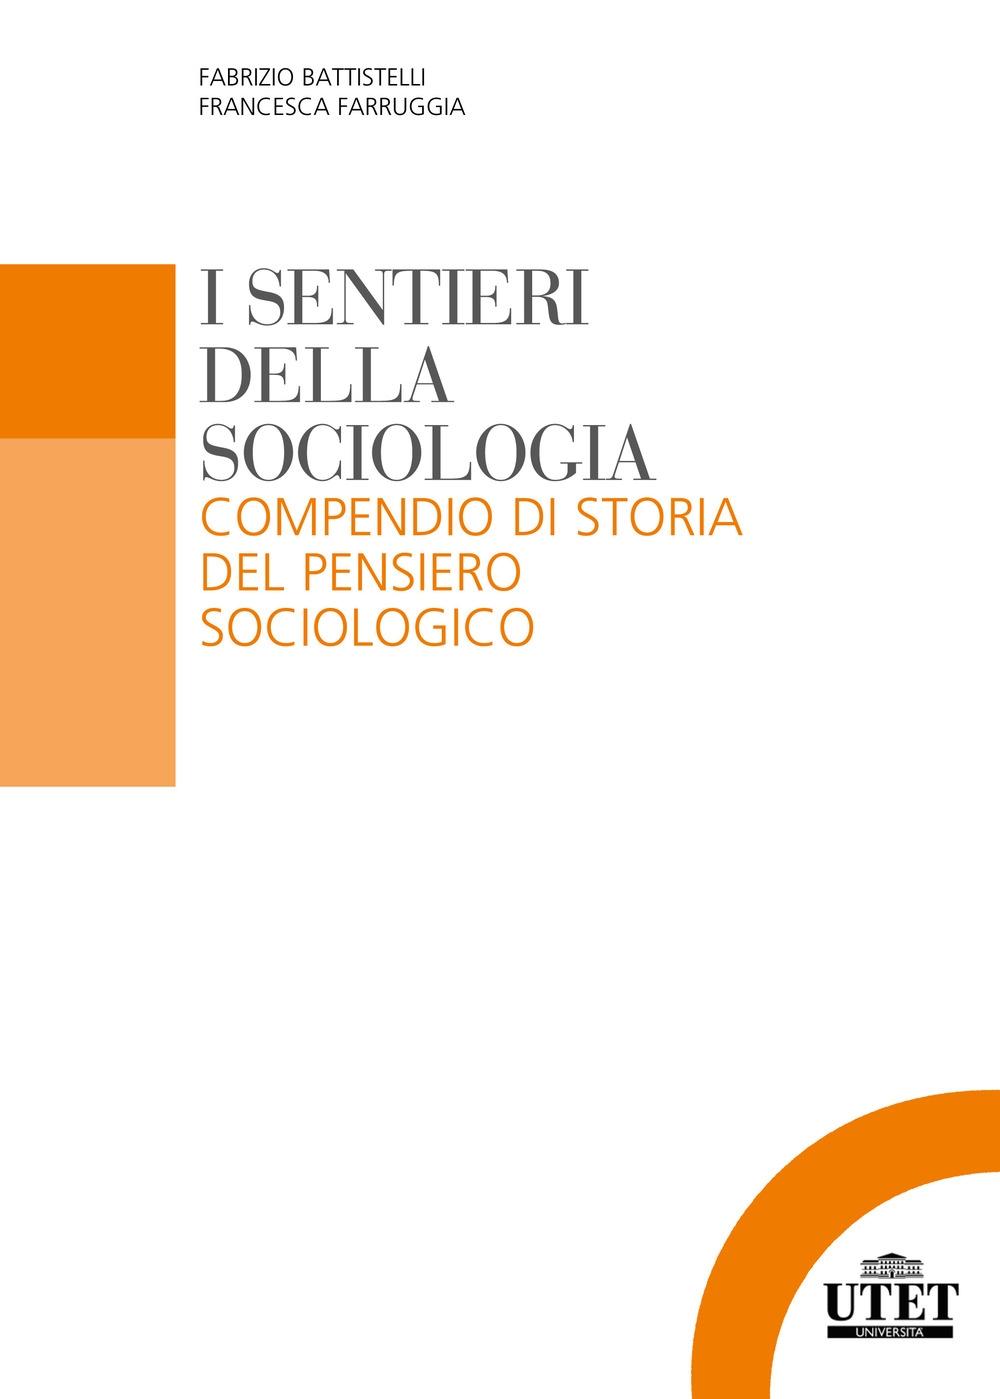 I sentieri della sociologia. Compendio di storia del pensiero sociologico